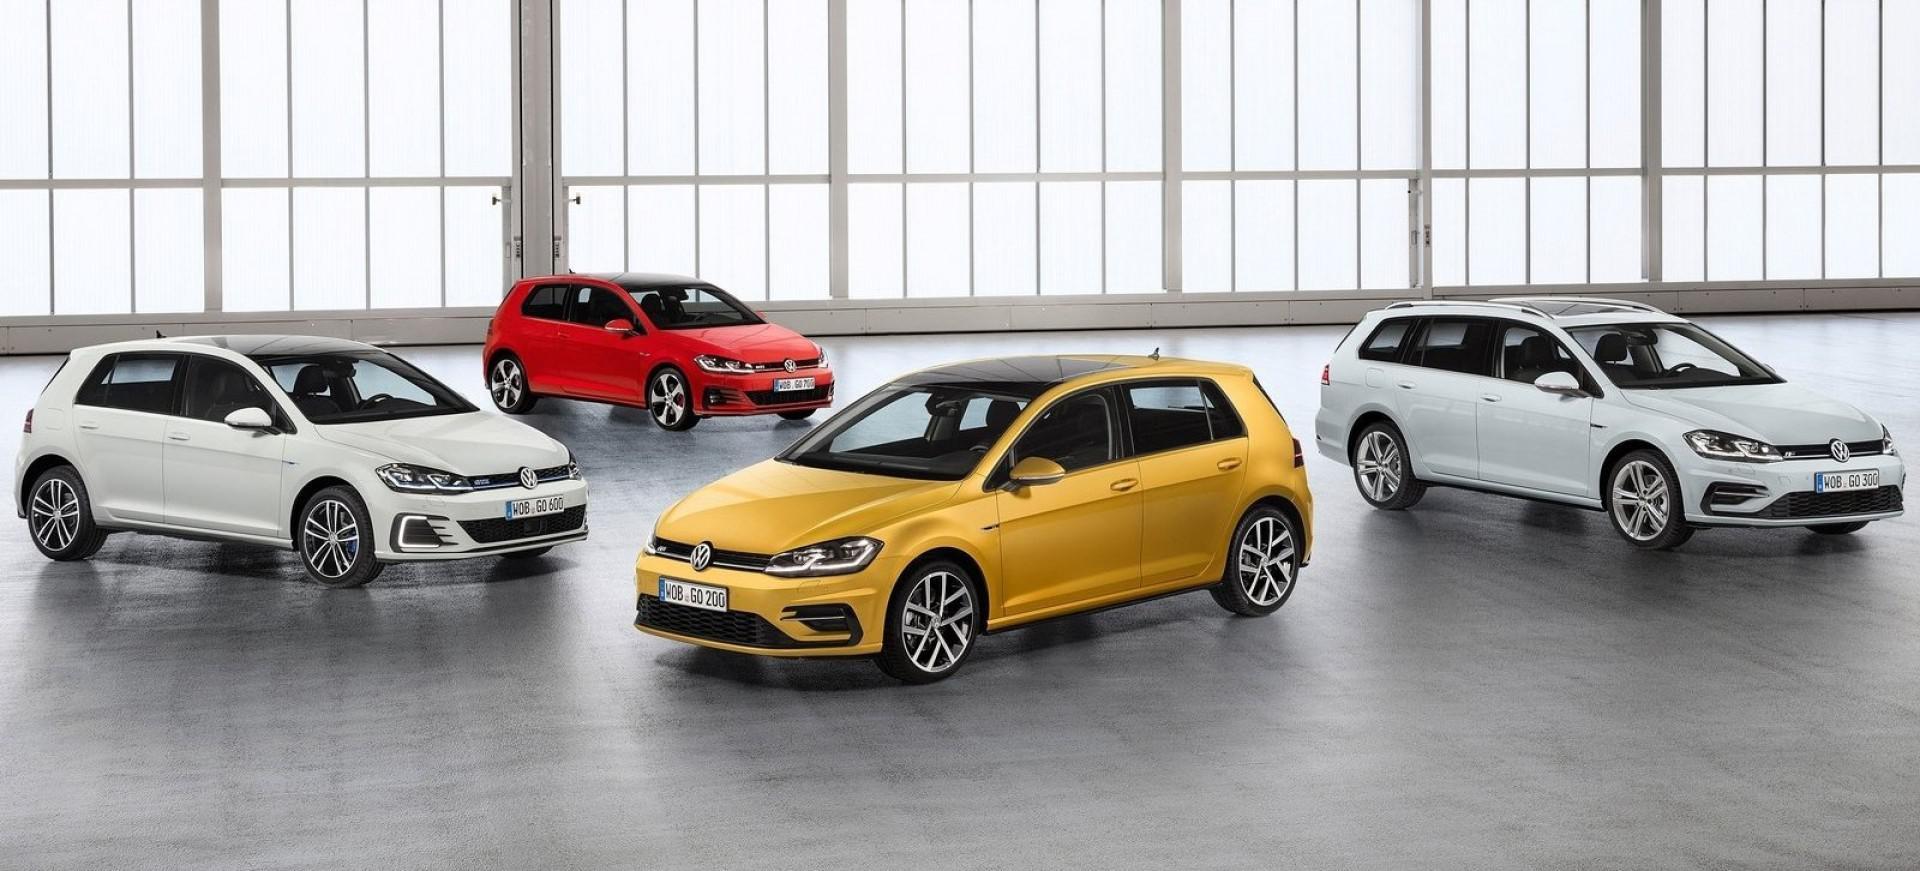 Le top 10 des meilleures voitures vendues en Europe 2016 a été dévoilé.